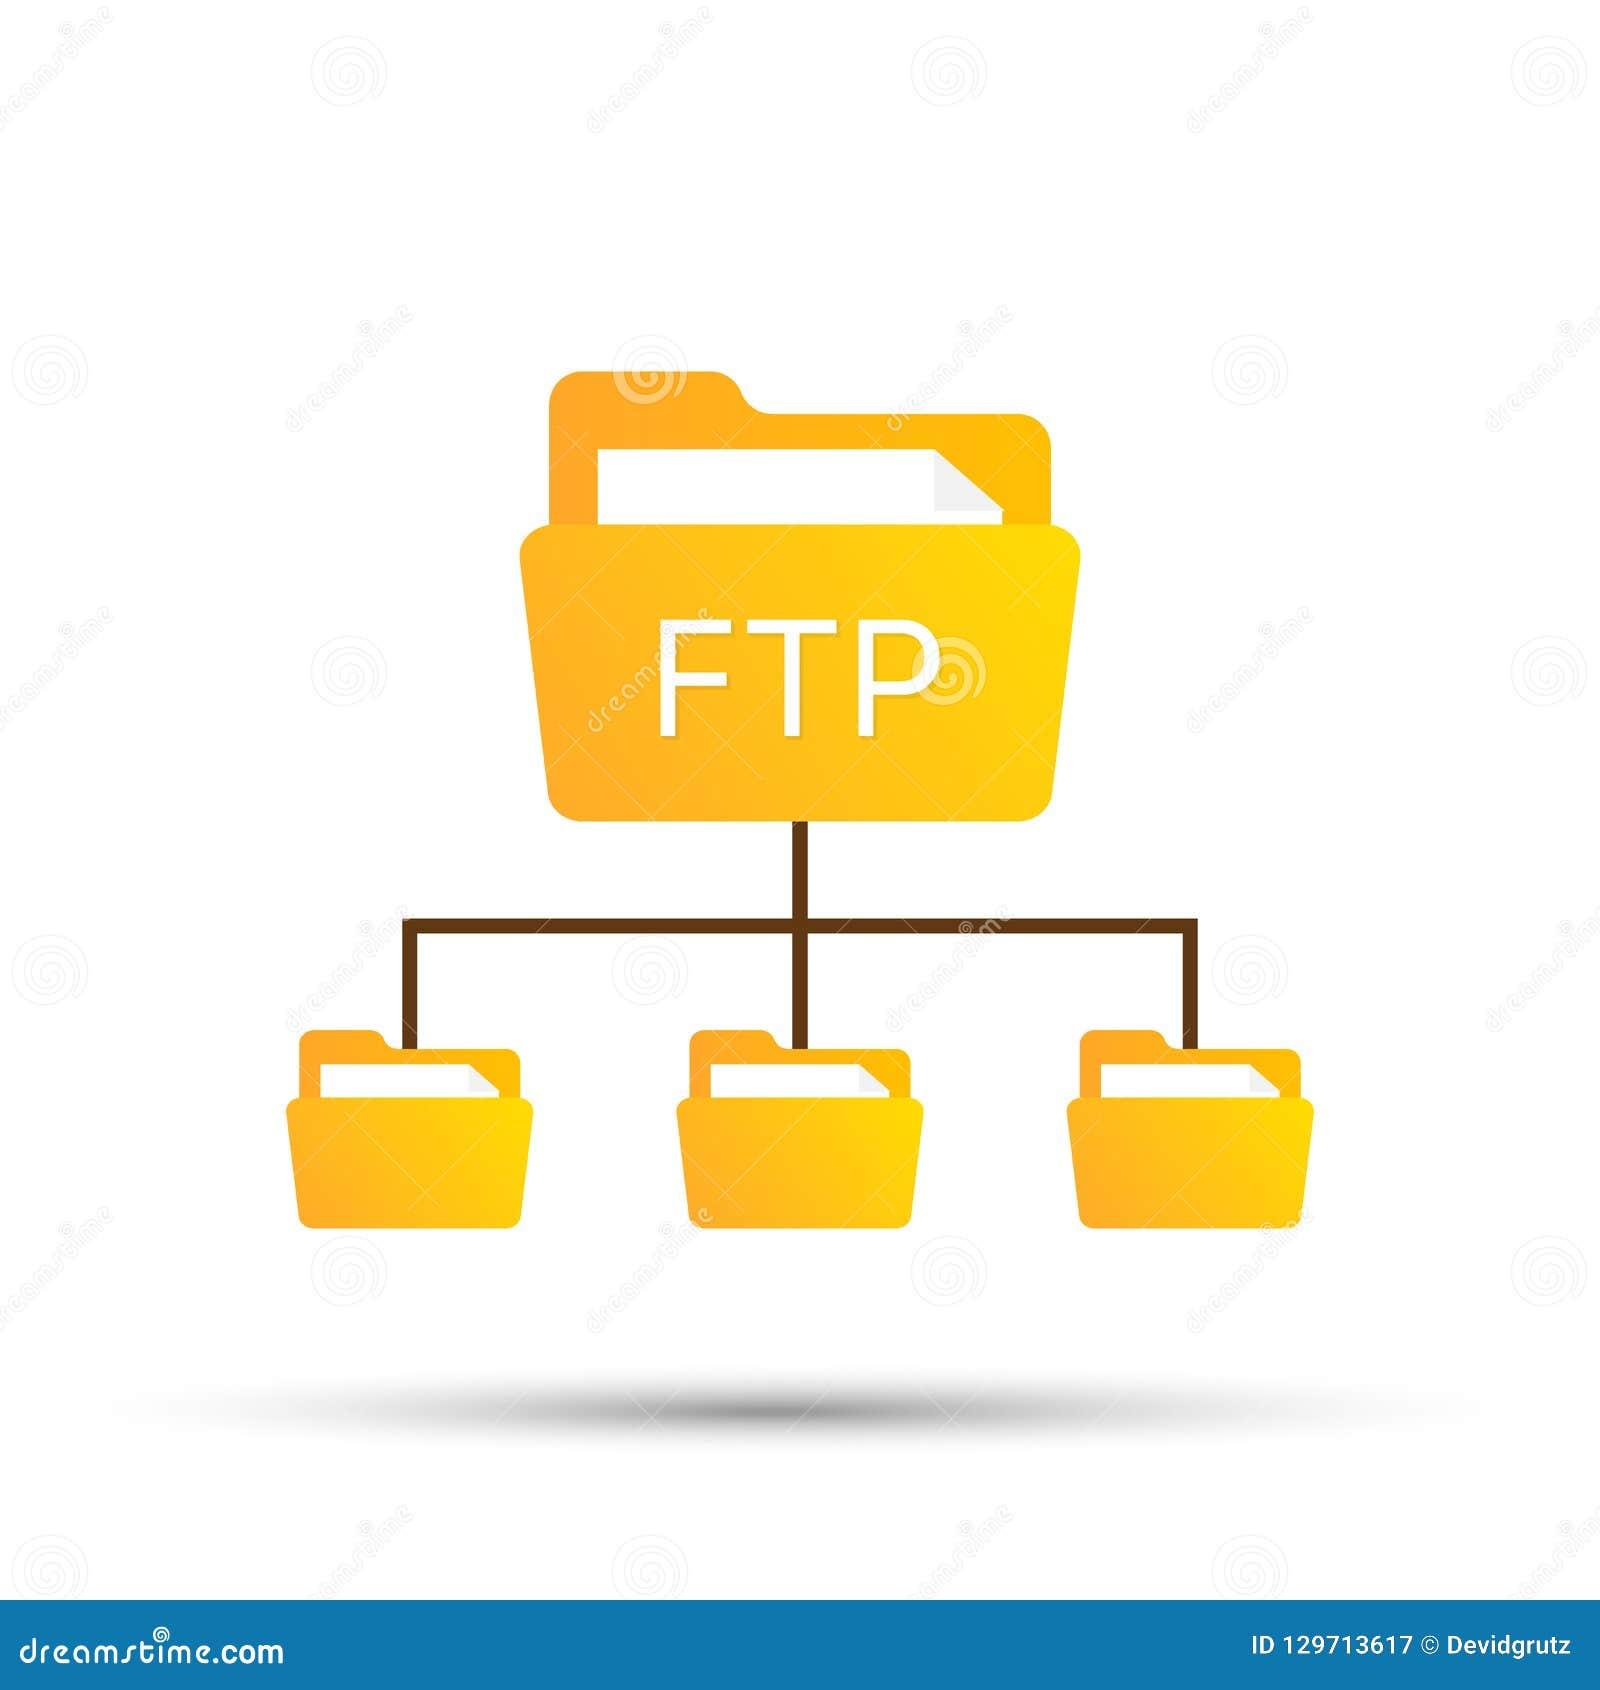 上色ftp协议简单的象 软件更新,路由器,配合工具管理,复制过程,信息的概念